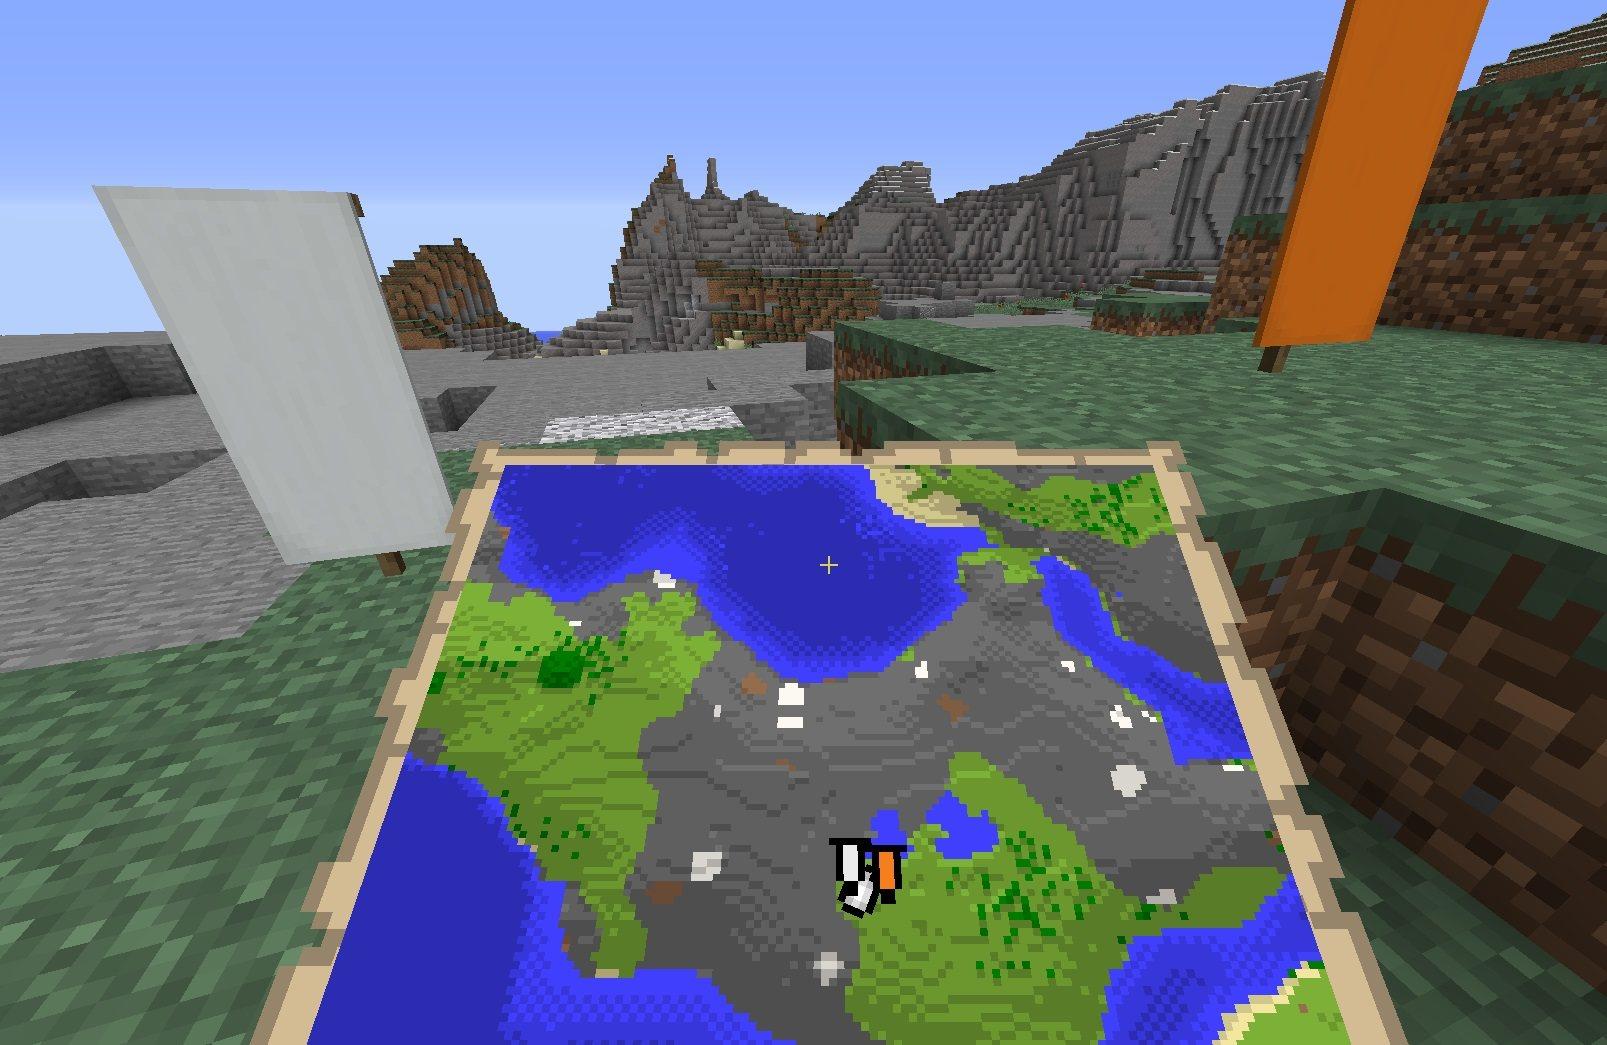 znaczniki banerow na mapie minecraft 1.13